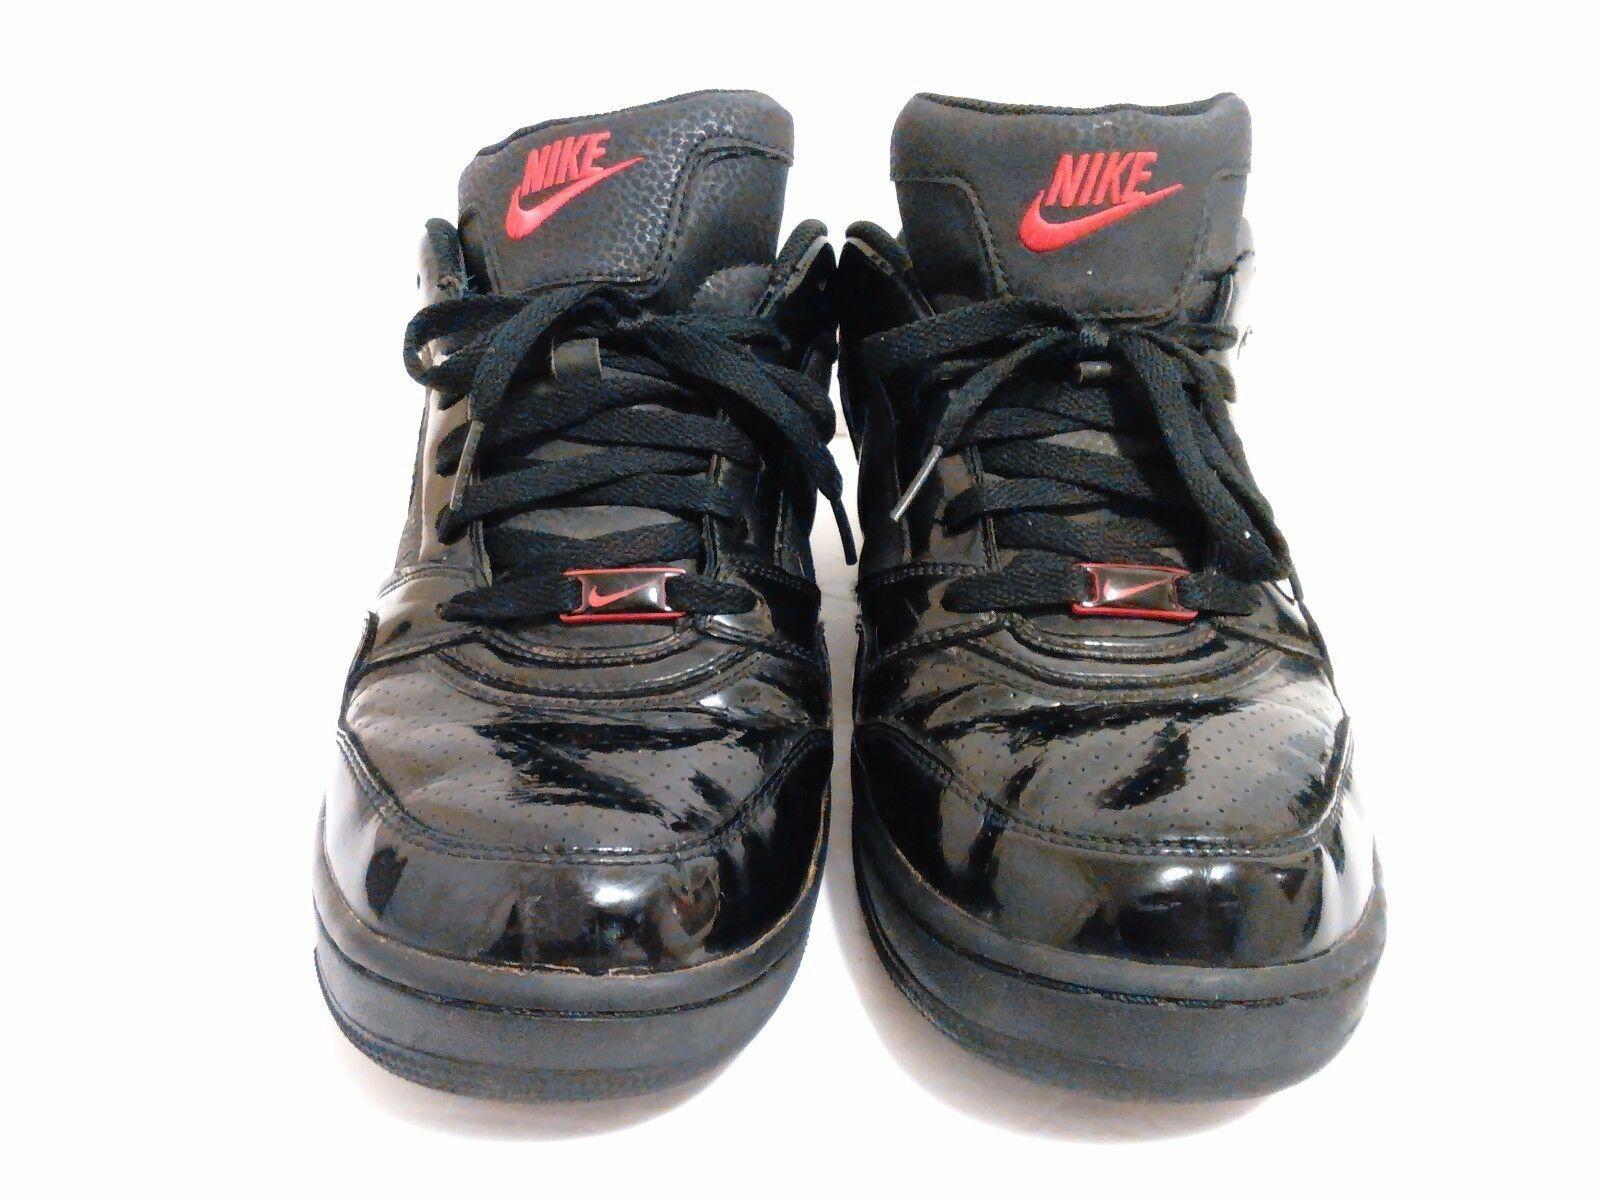 Men's Nike Air Prestige III 3 Shoes Sneakers 386114-006 (Sz:12) Black/Red